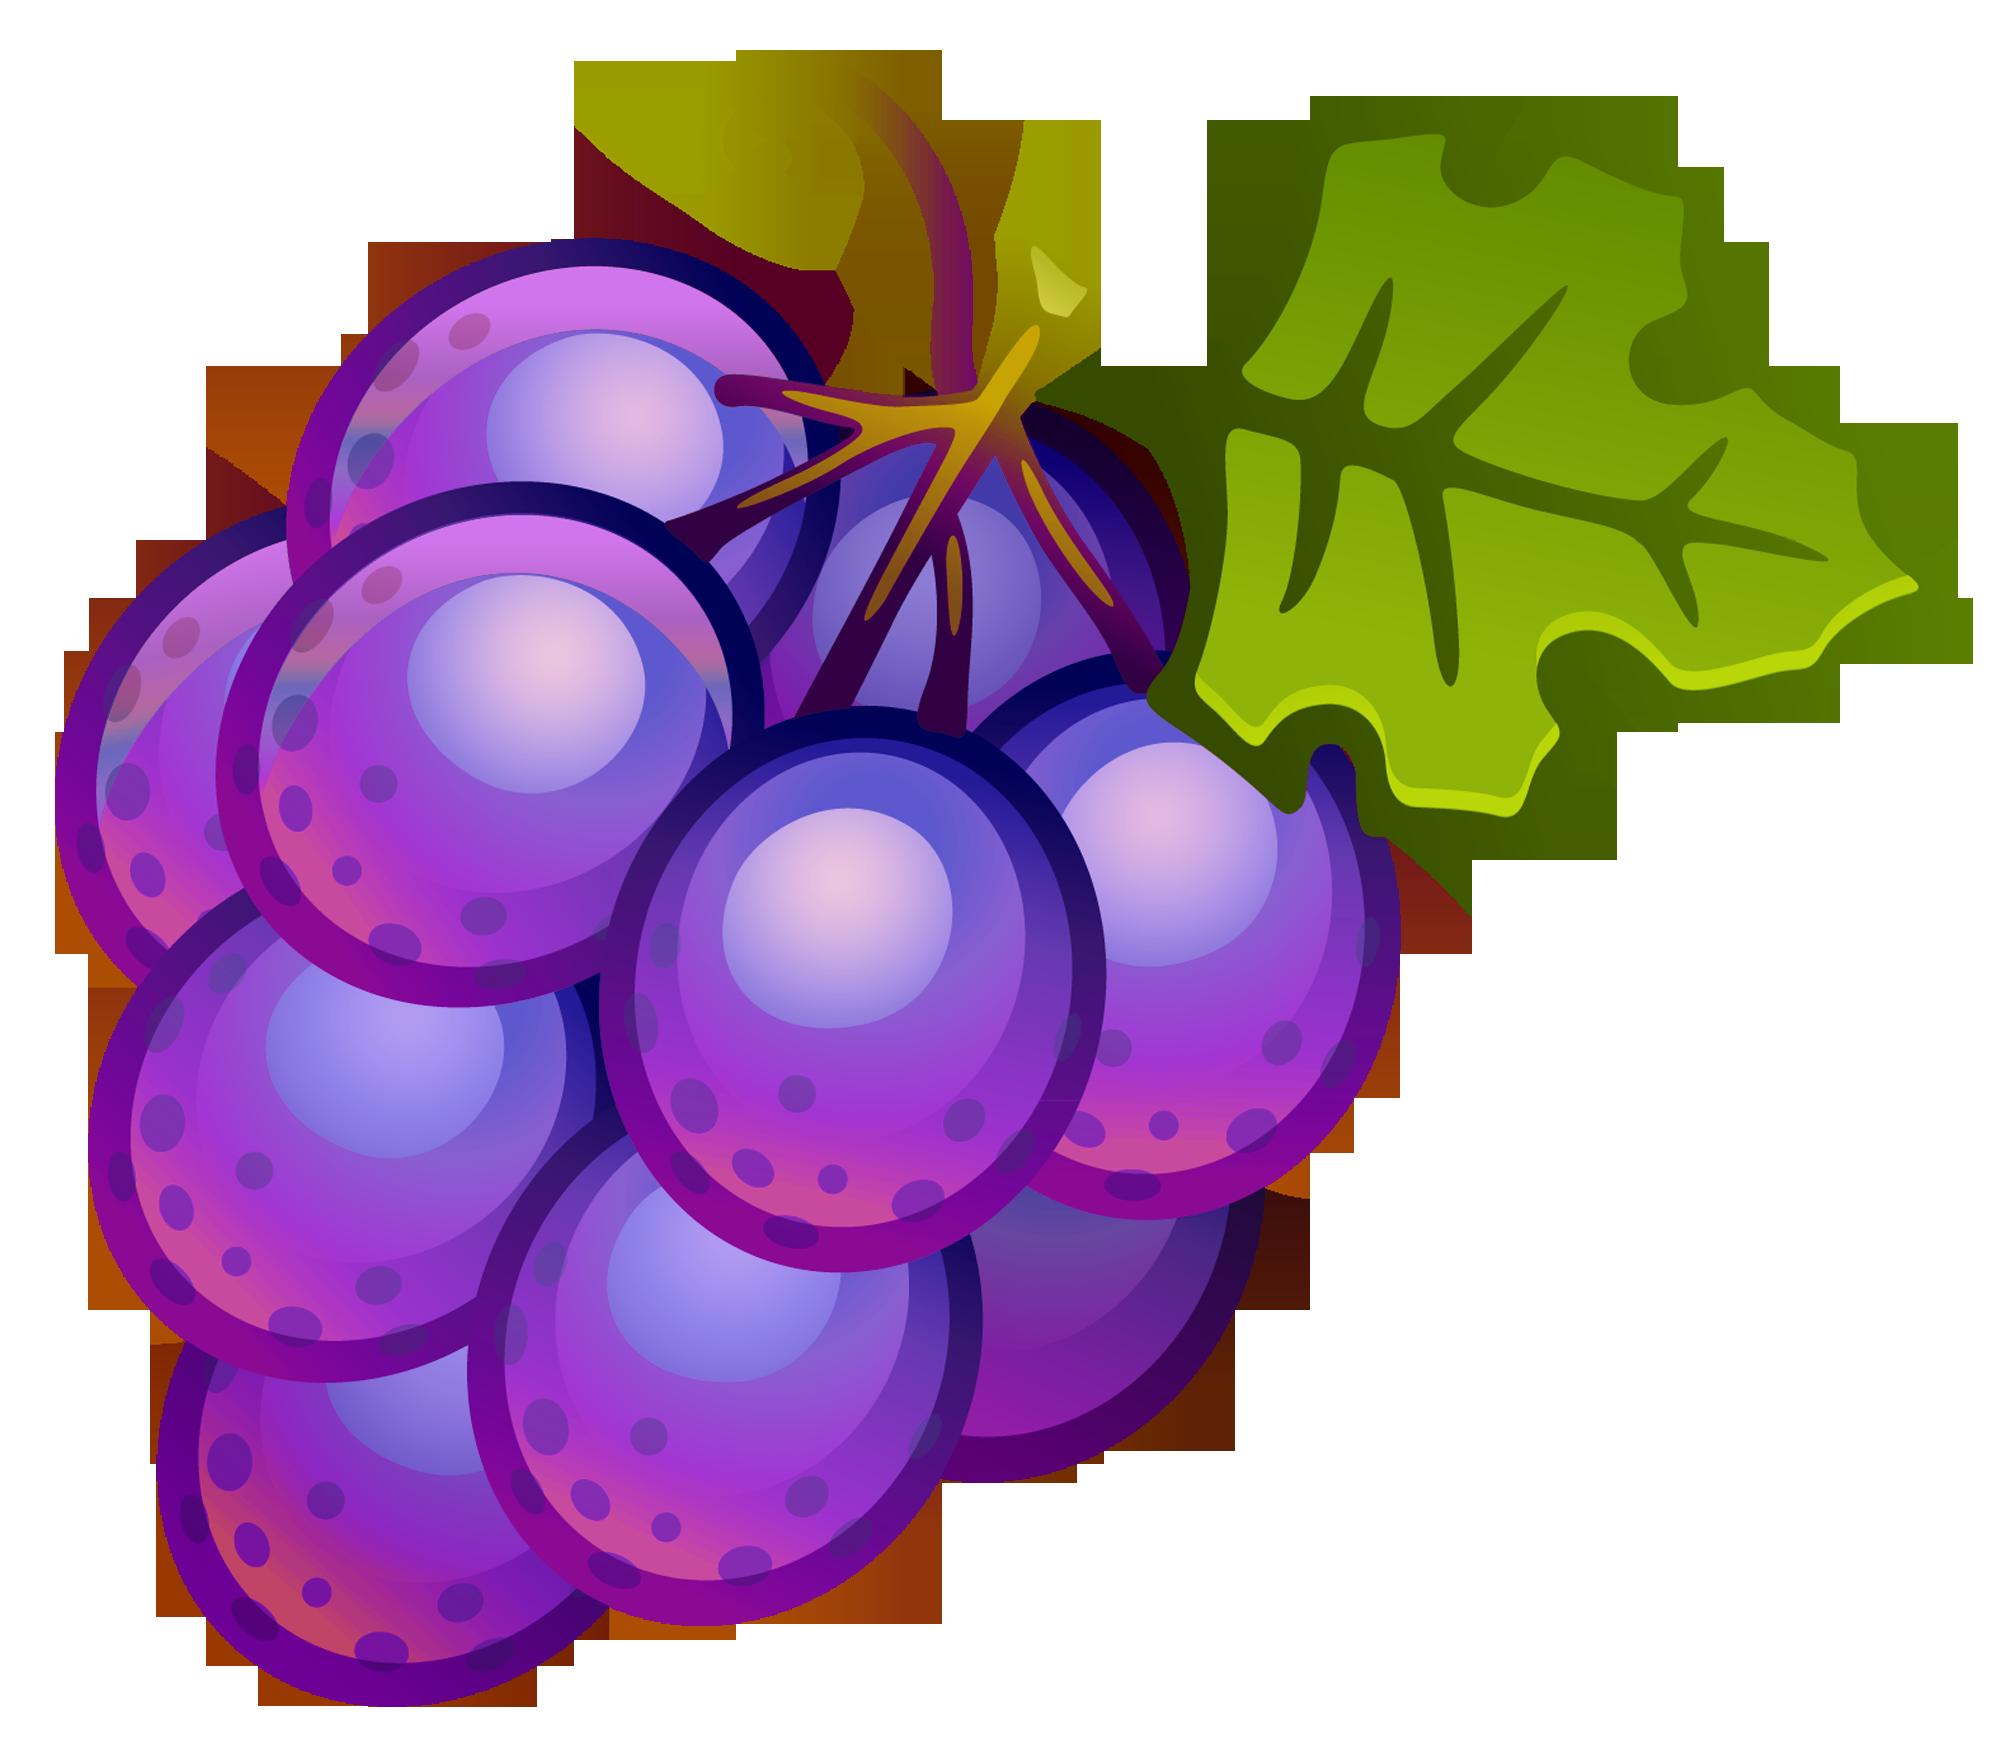 2000x1741 Clip Art Image Of Fruit Grape Clipart Image